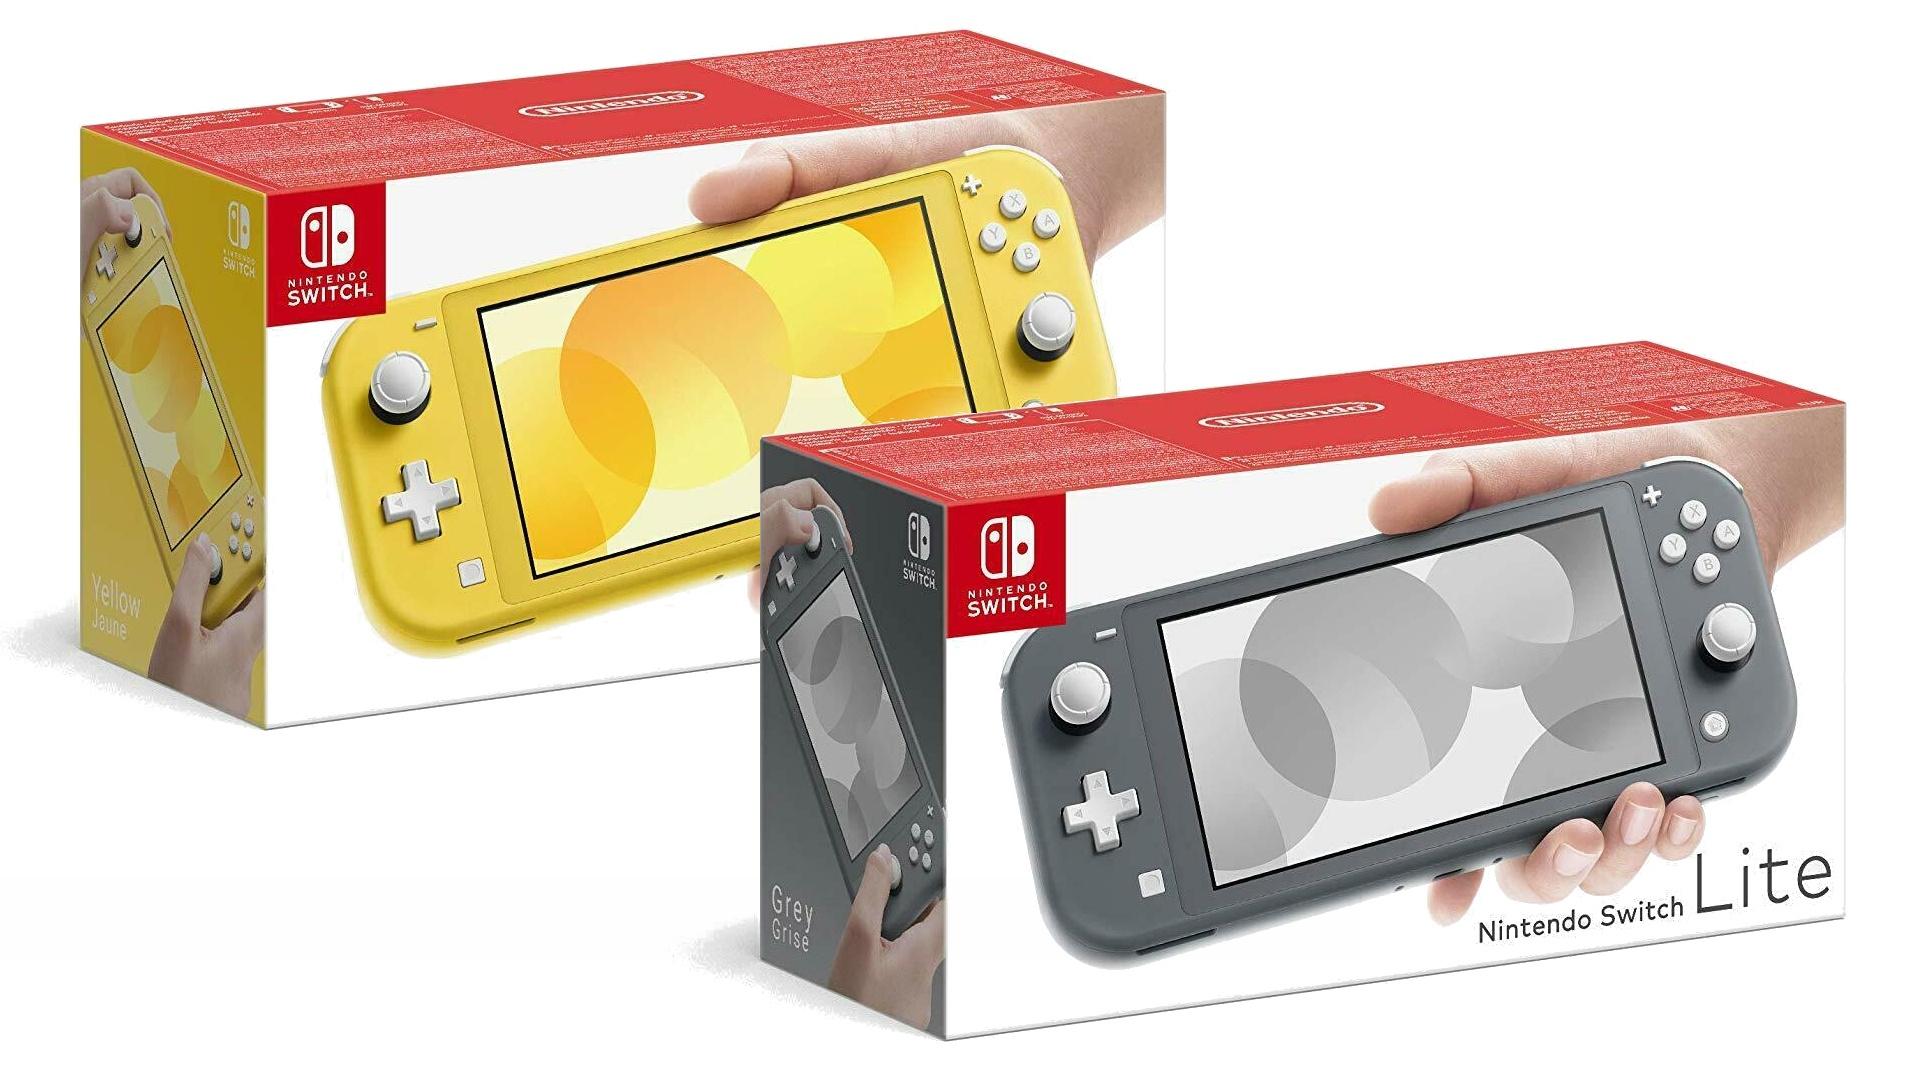 Nintendo Switch Lite Konsole mit Gutschein zum aktuell günstigsten Preis auf Ebay